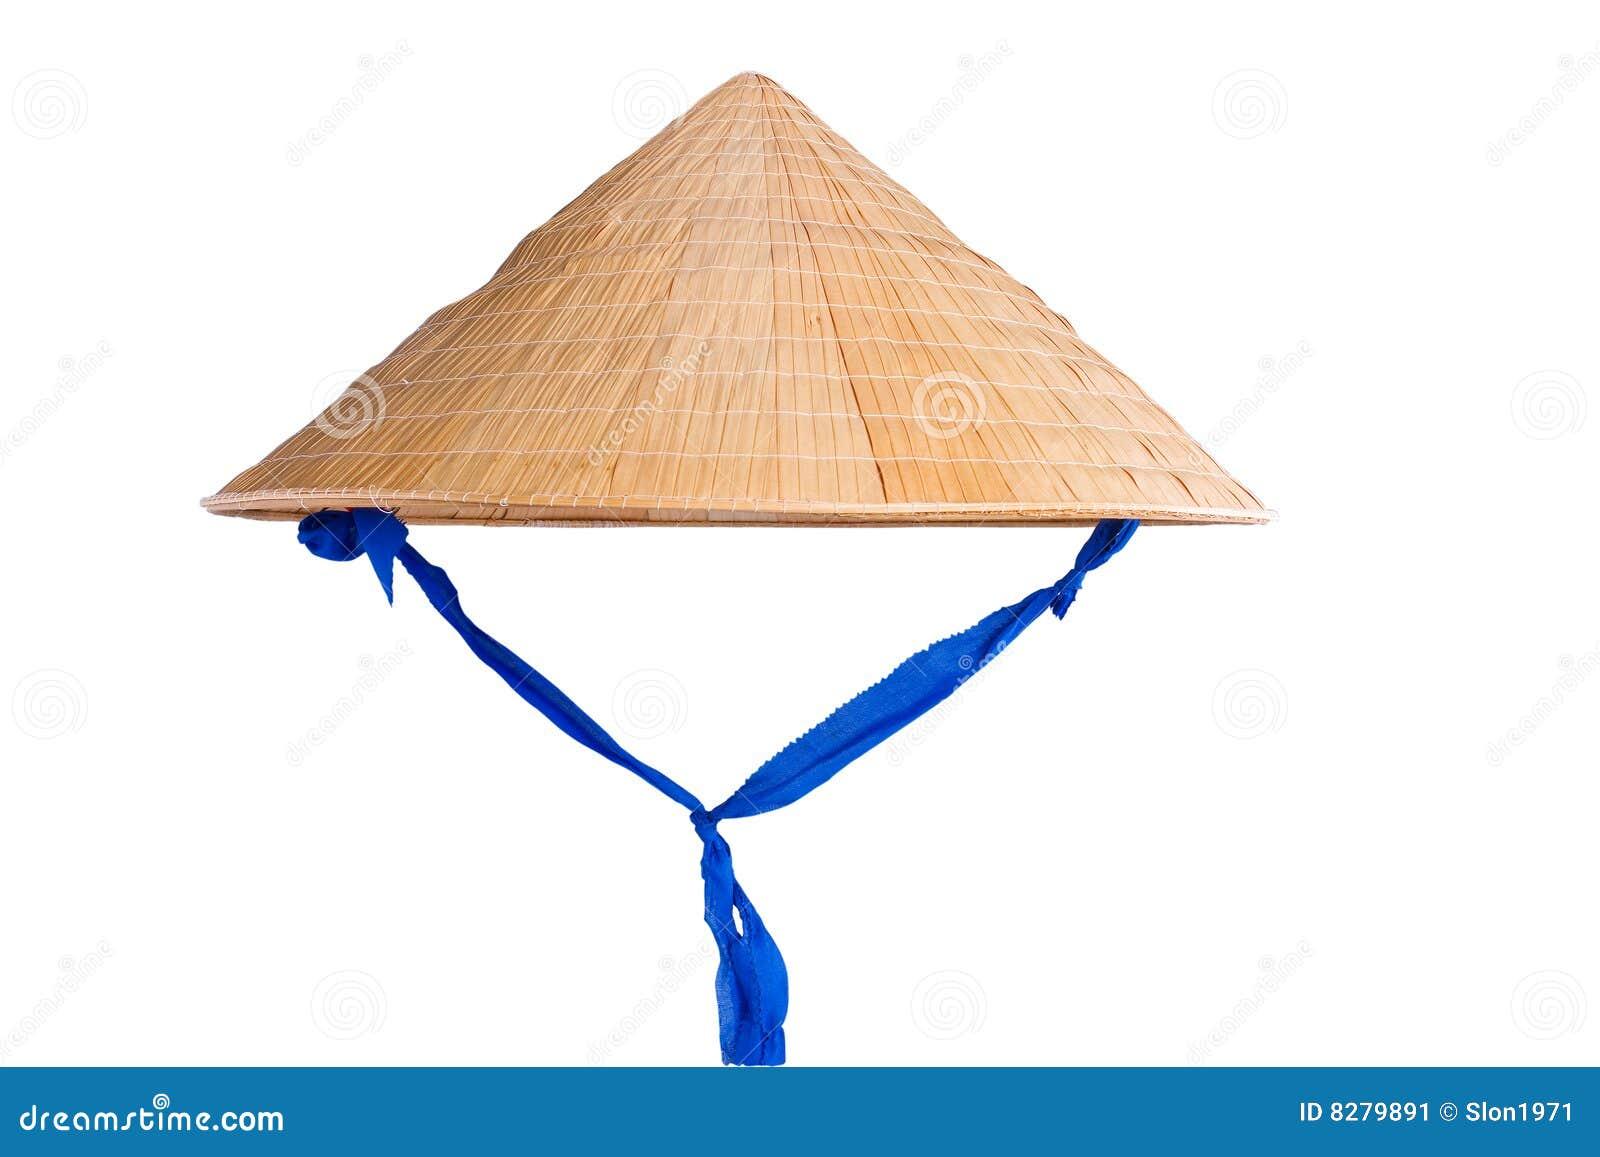 Как сделать китайскую шляпу соломенную шляпу